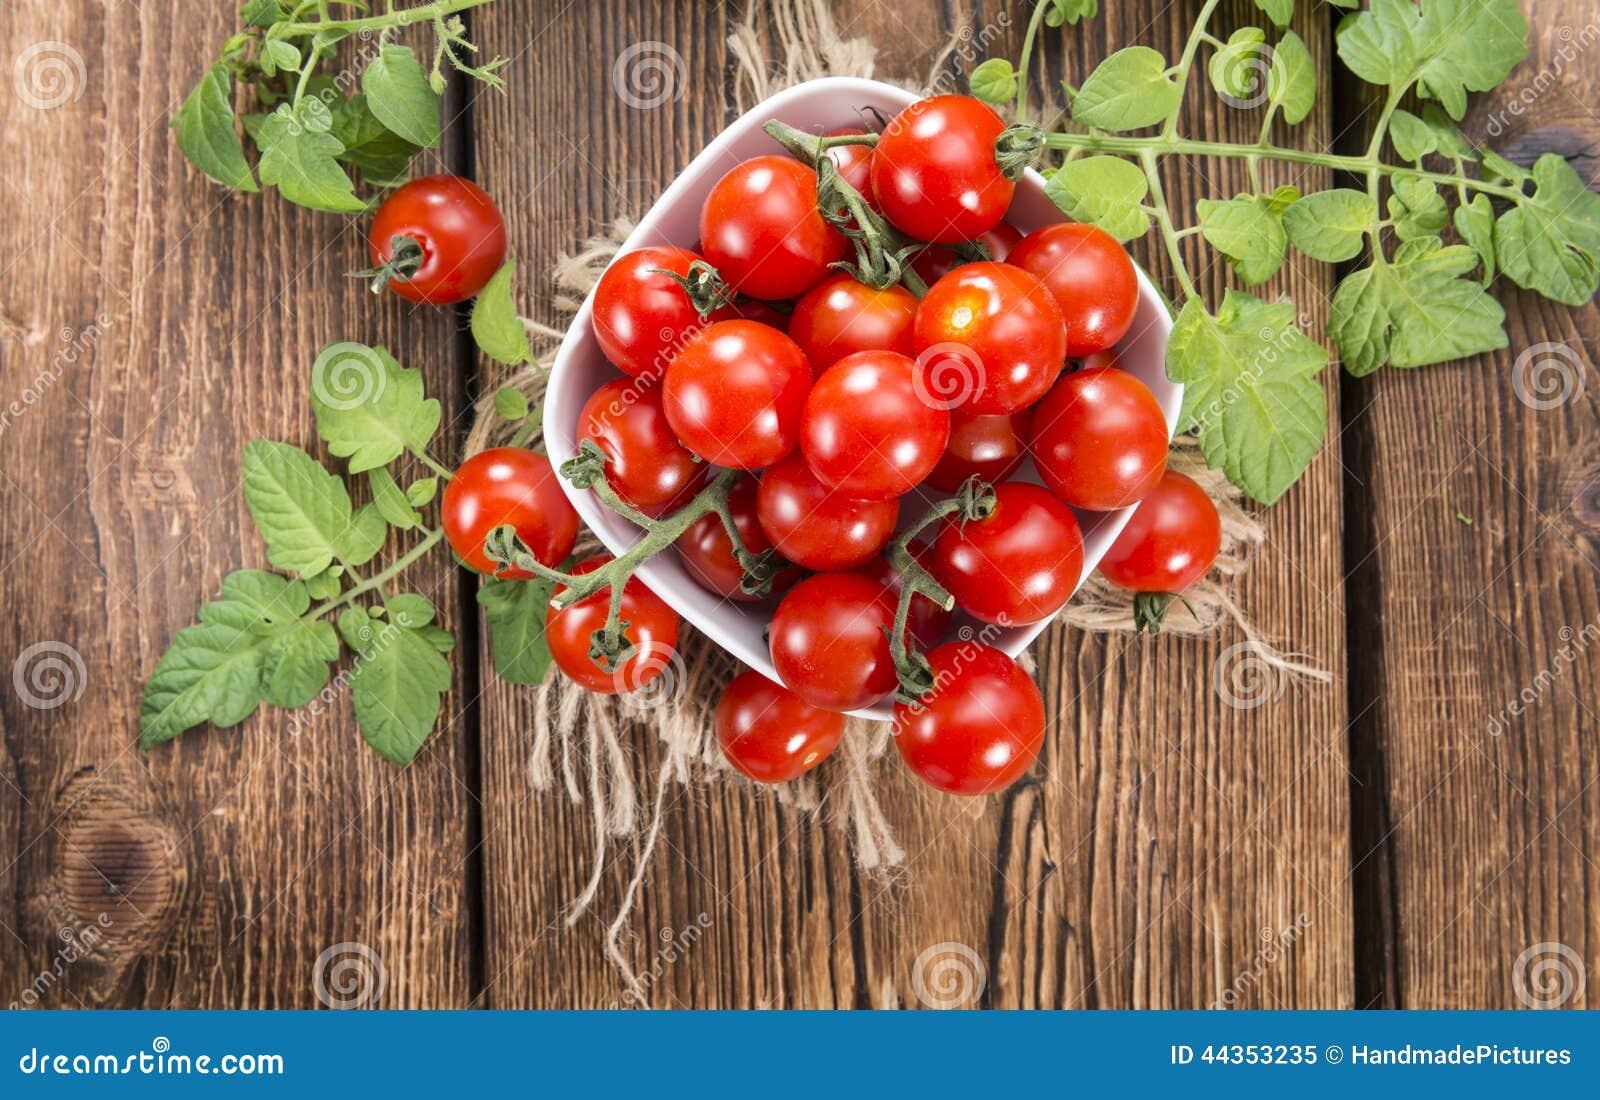 Parte di Cherry Tomatoes fresco